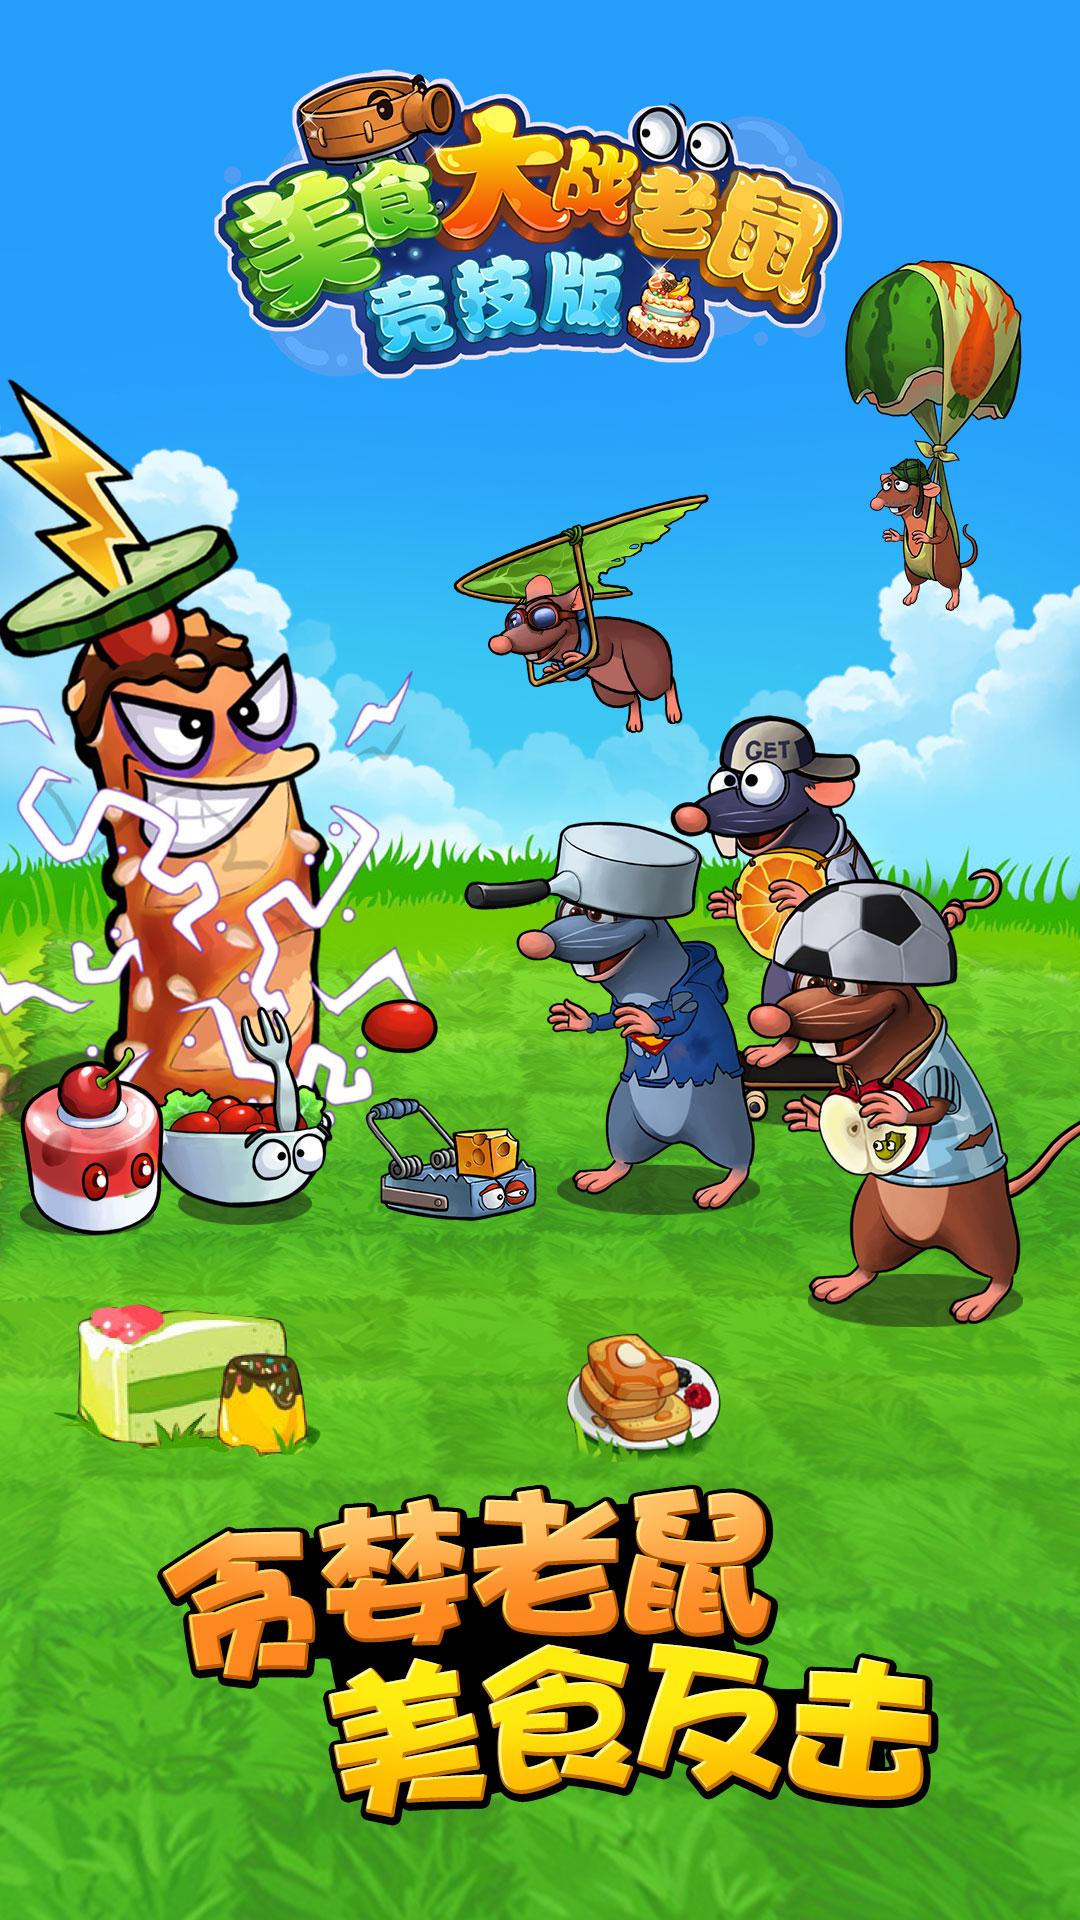 美食大战老鼠竞技版截图